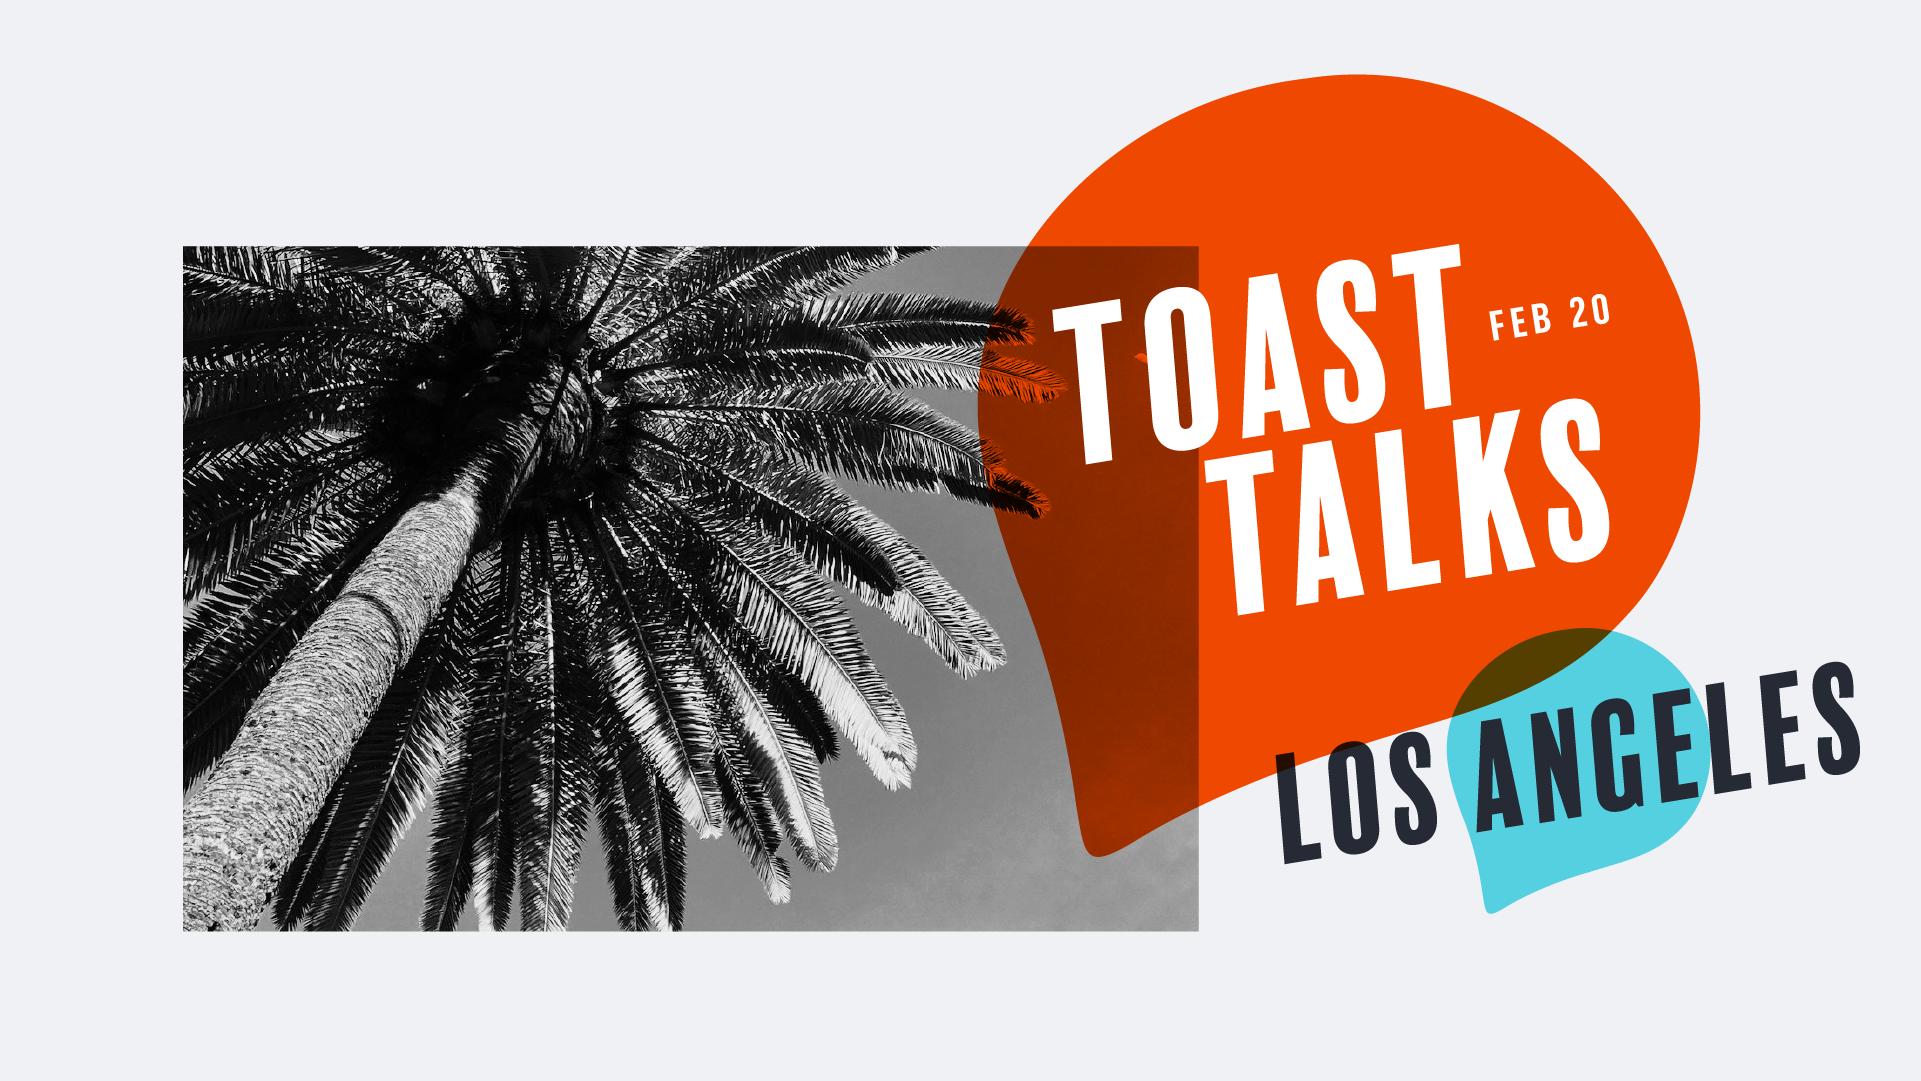 Toast%20Talks%20Facebook%20Ad%20LA-01